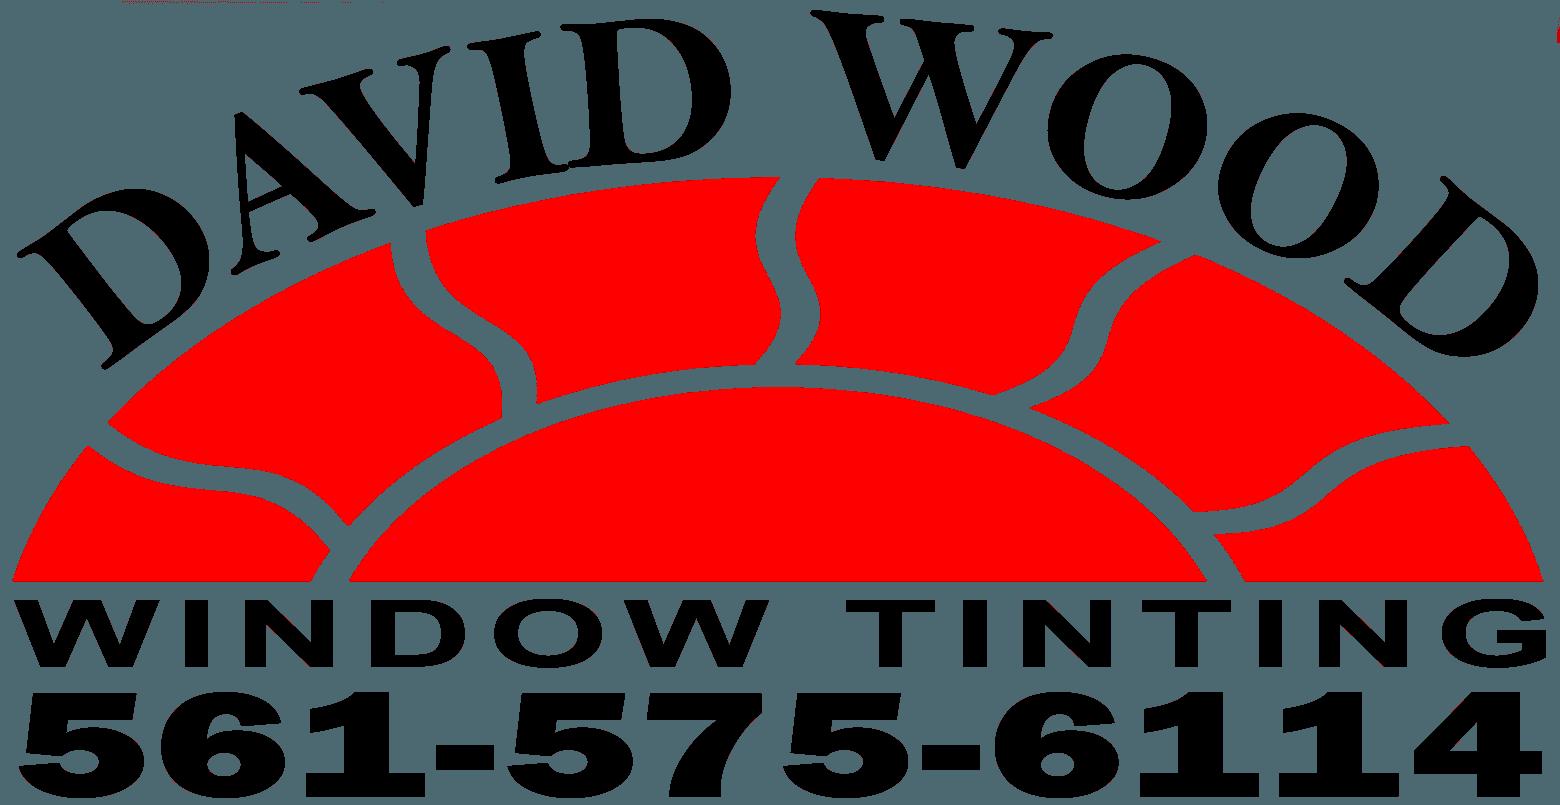 David Wood Logo